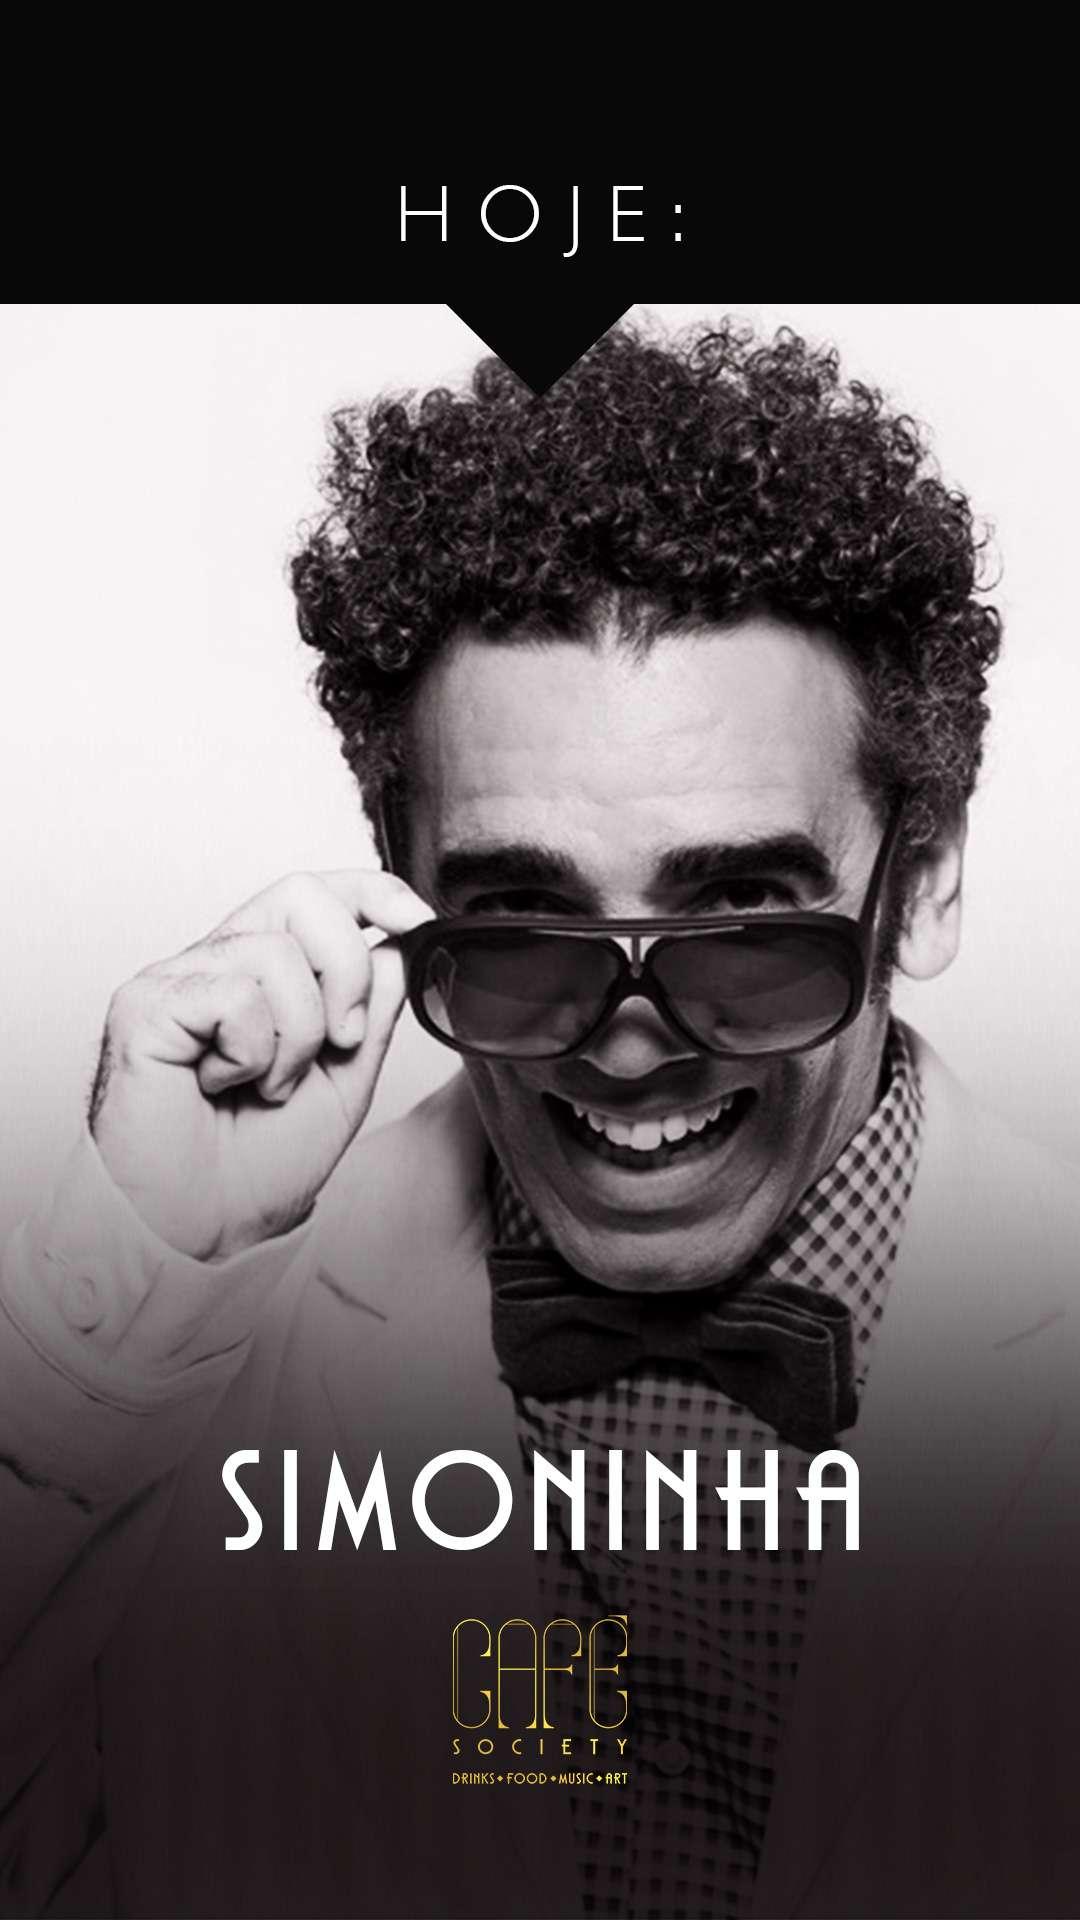 Simoninha faz um dos melhores shows da semana em SP